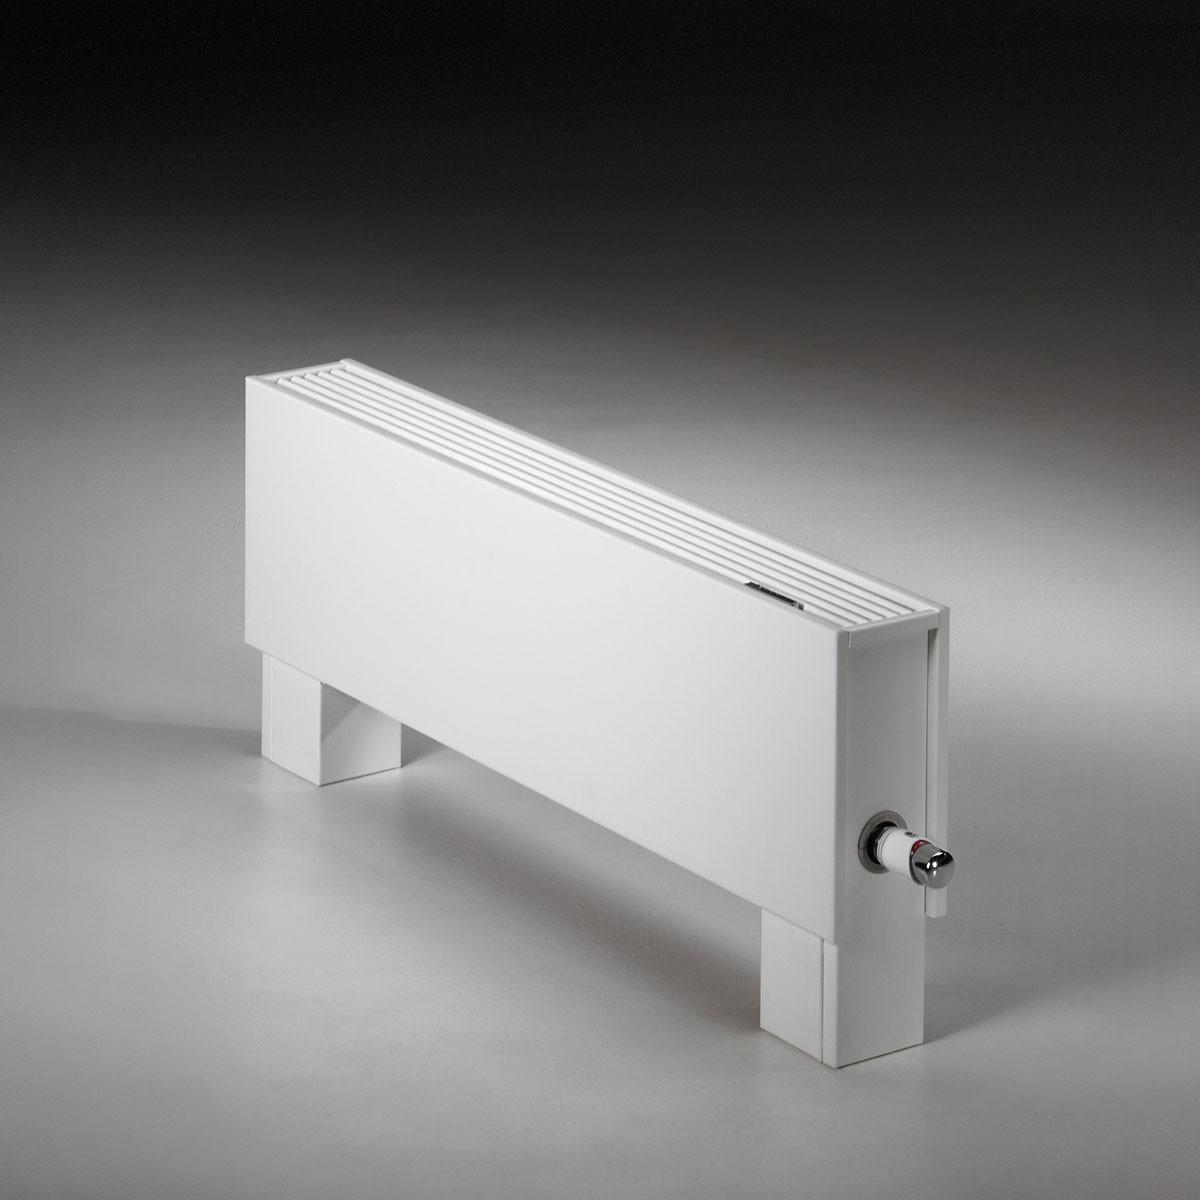 Радиатор MINI  свободностоящий с блоком DBE